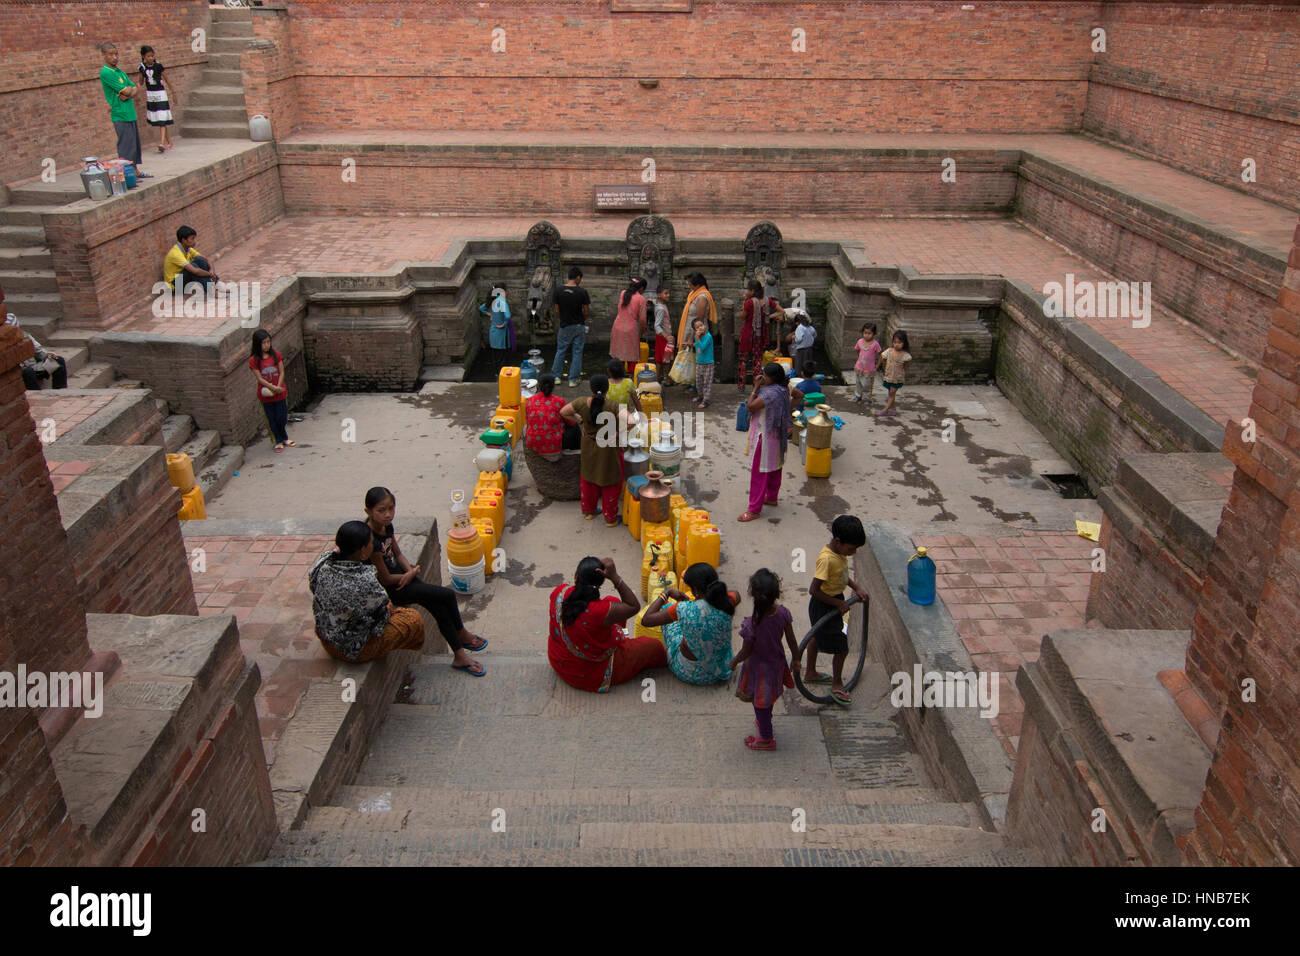 Le donne in coda per acqua dalle intricate sculture di bronzo erogatori di acqua in una pubblica piazza a Kathmandu Immagini Stock